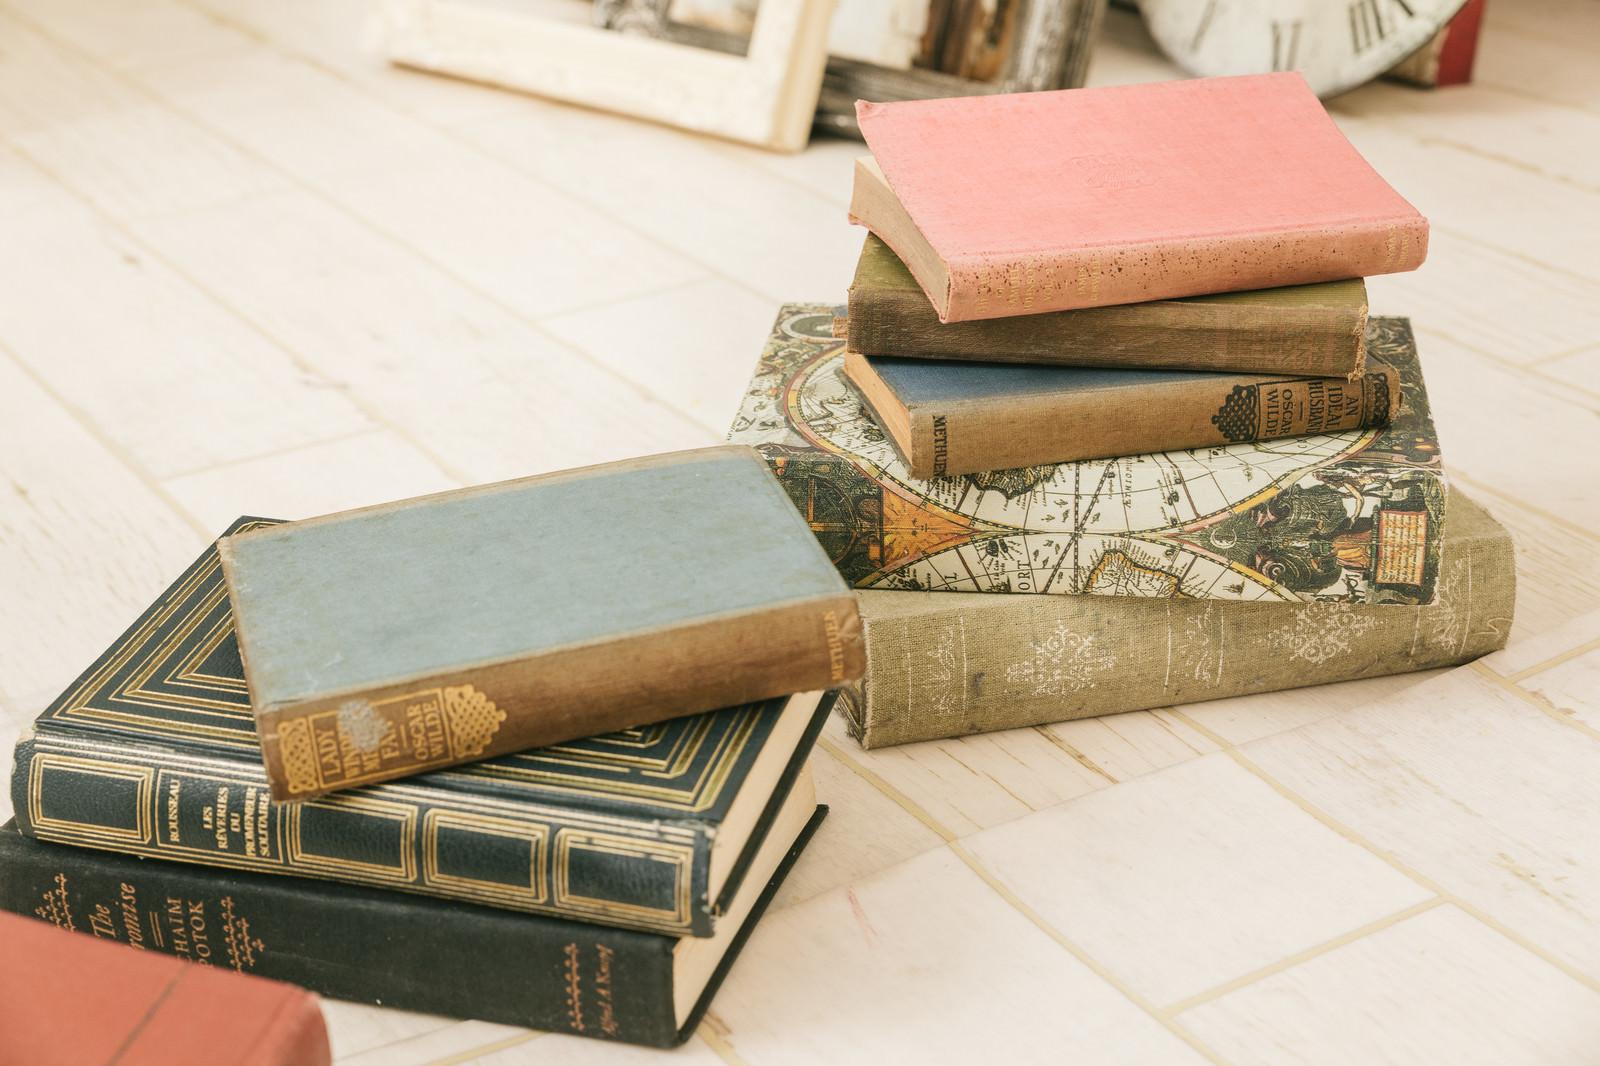 「積み重ねた古書」の写真